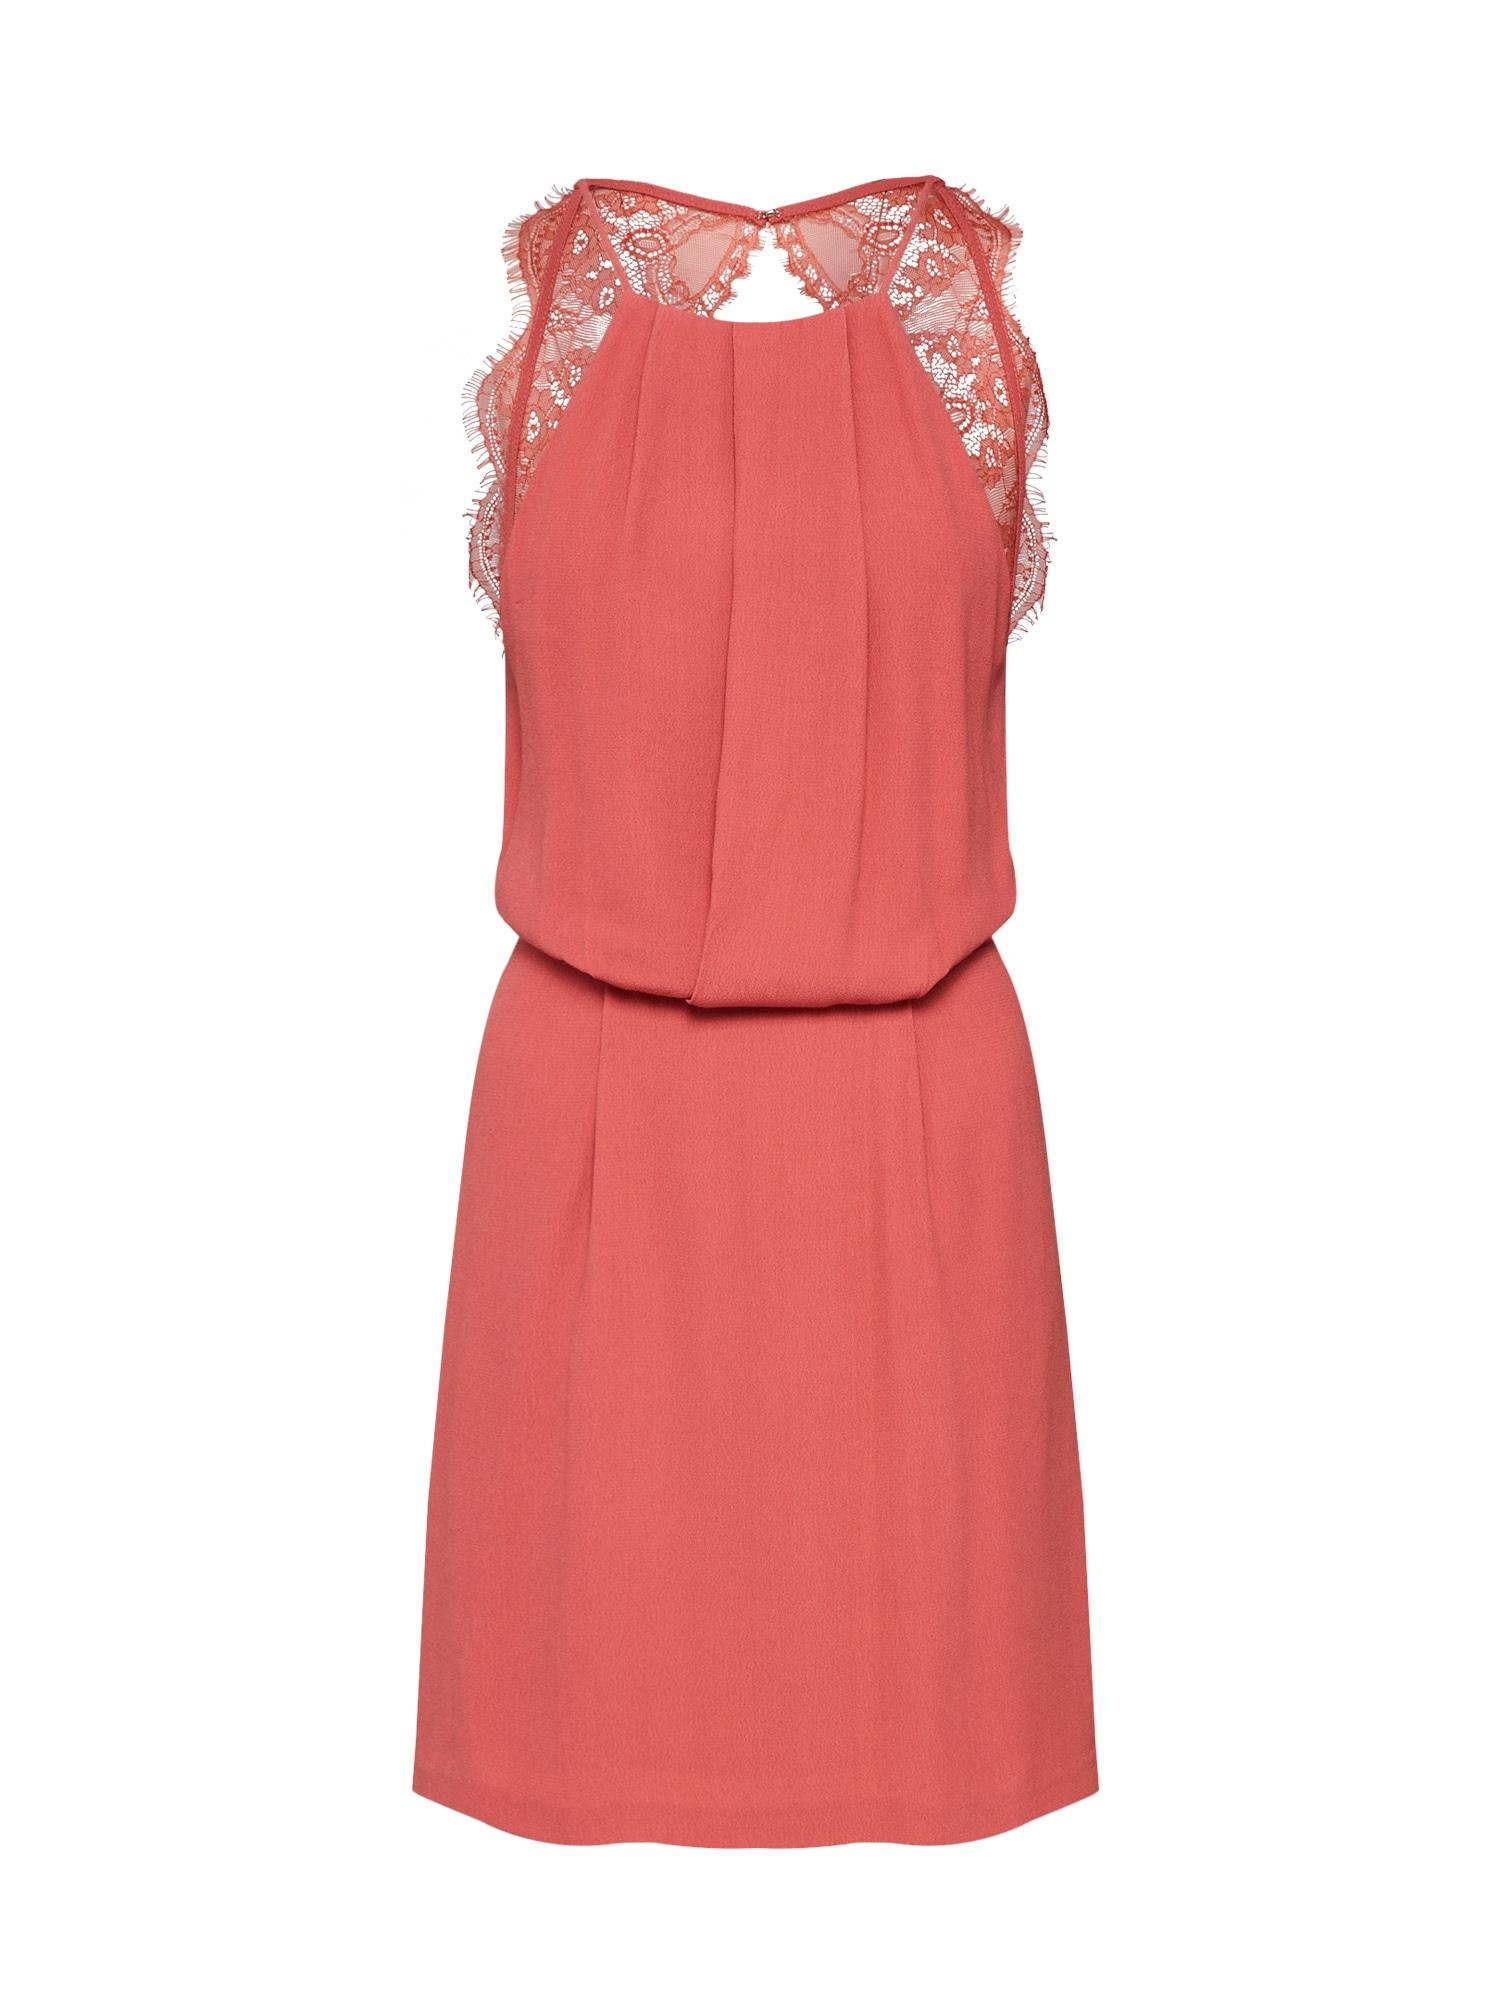 Koktejlové šaty Willow 5687 červená Samsoe & Samsoe